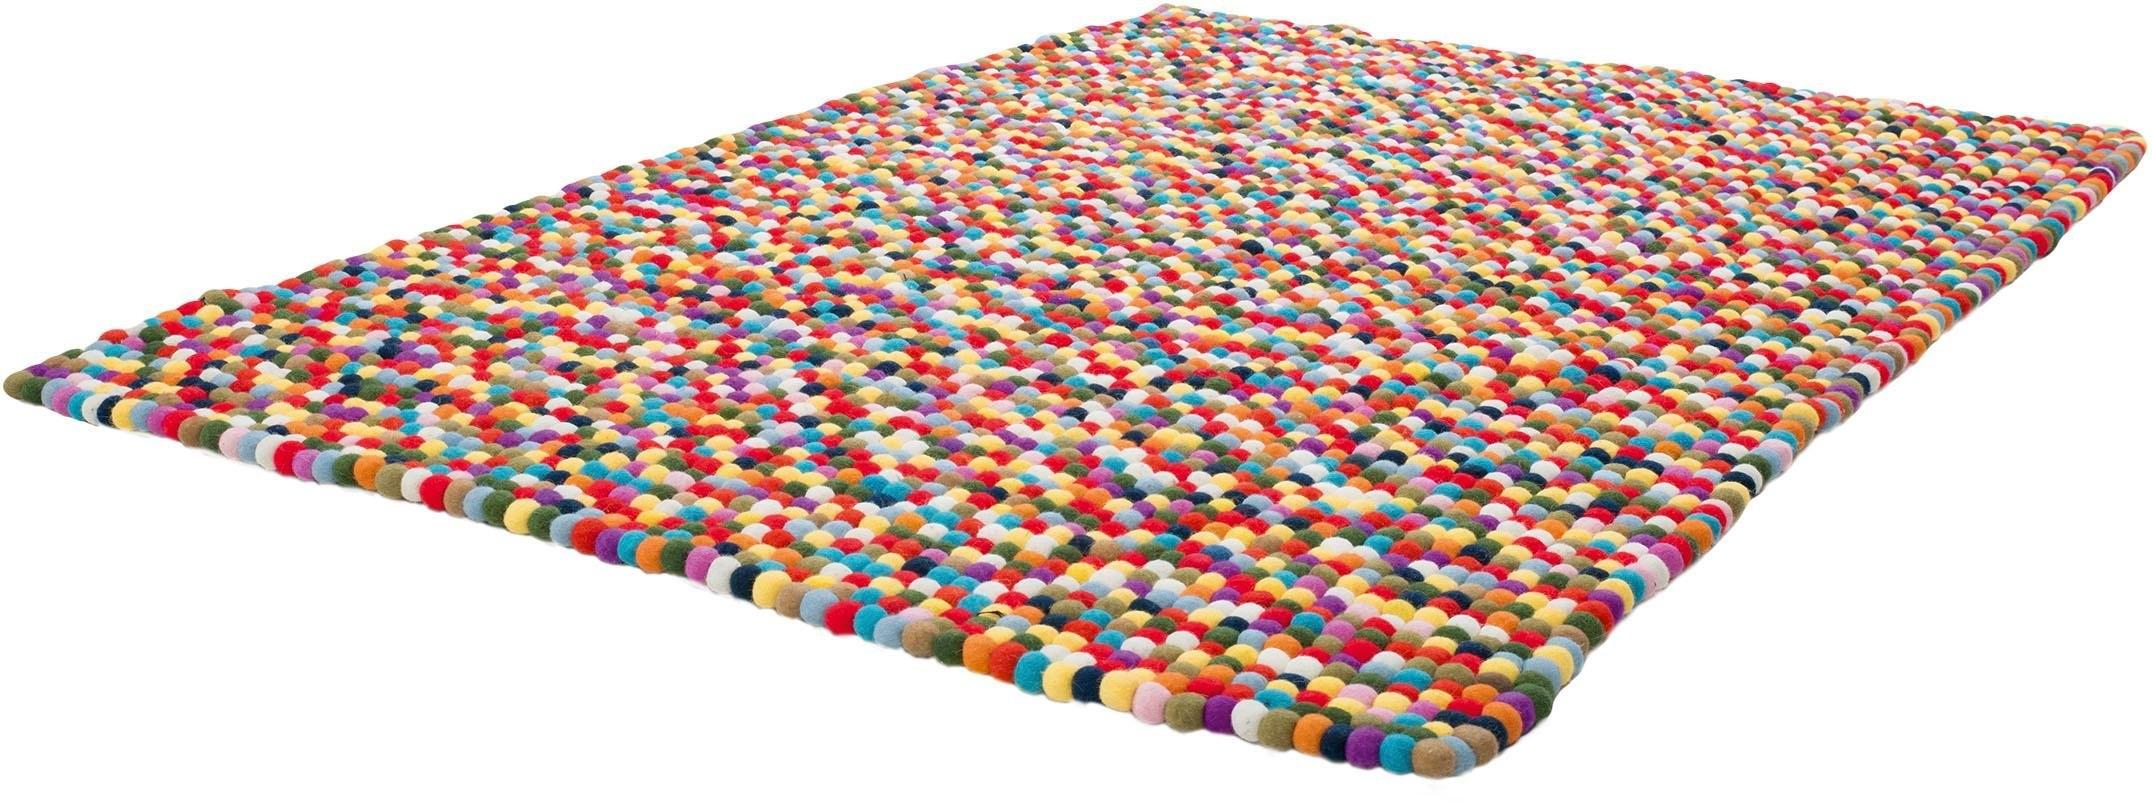 Obsession Vloerkleed, »My Passion 730«, rechthoekig, hoogte 30 mm bestellen: 30 dagen bedenktijd